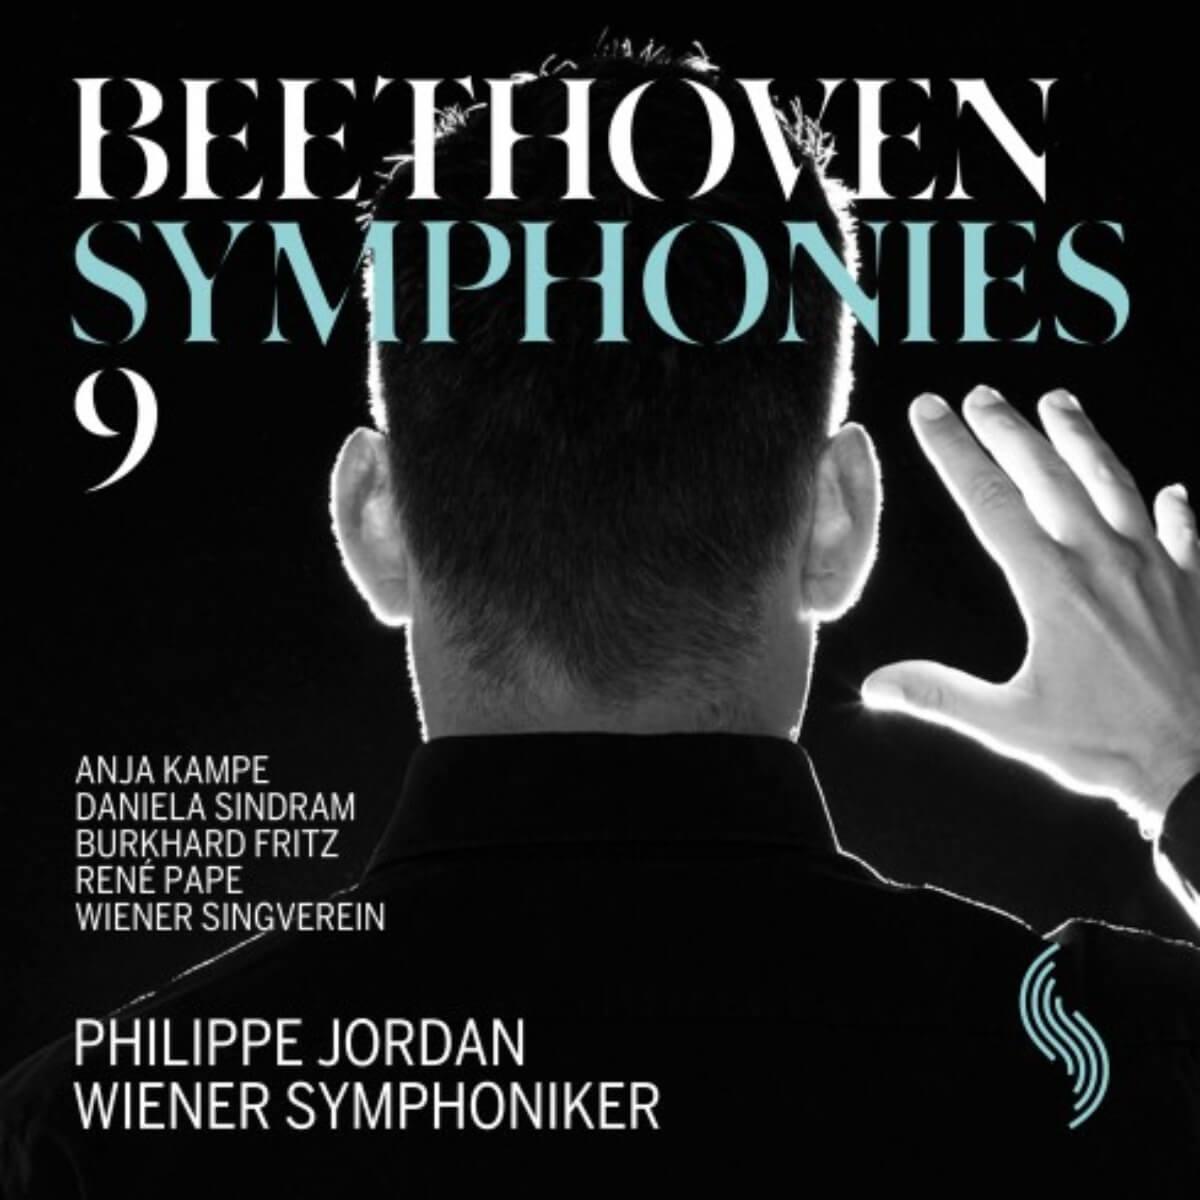 couverture du disque du Wiener Symphoniker, Philippe Jordan de dos, Neuvième symphonie de Beethoven